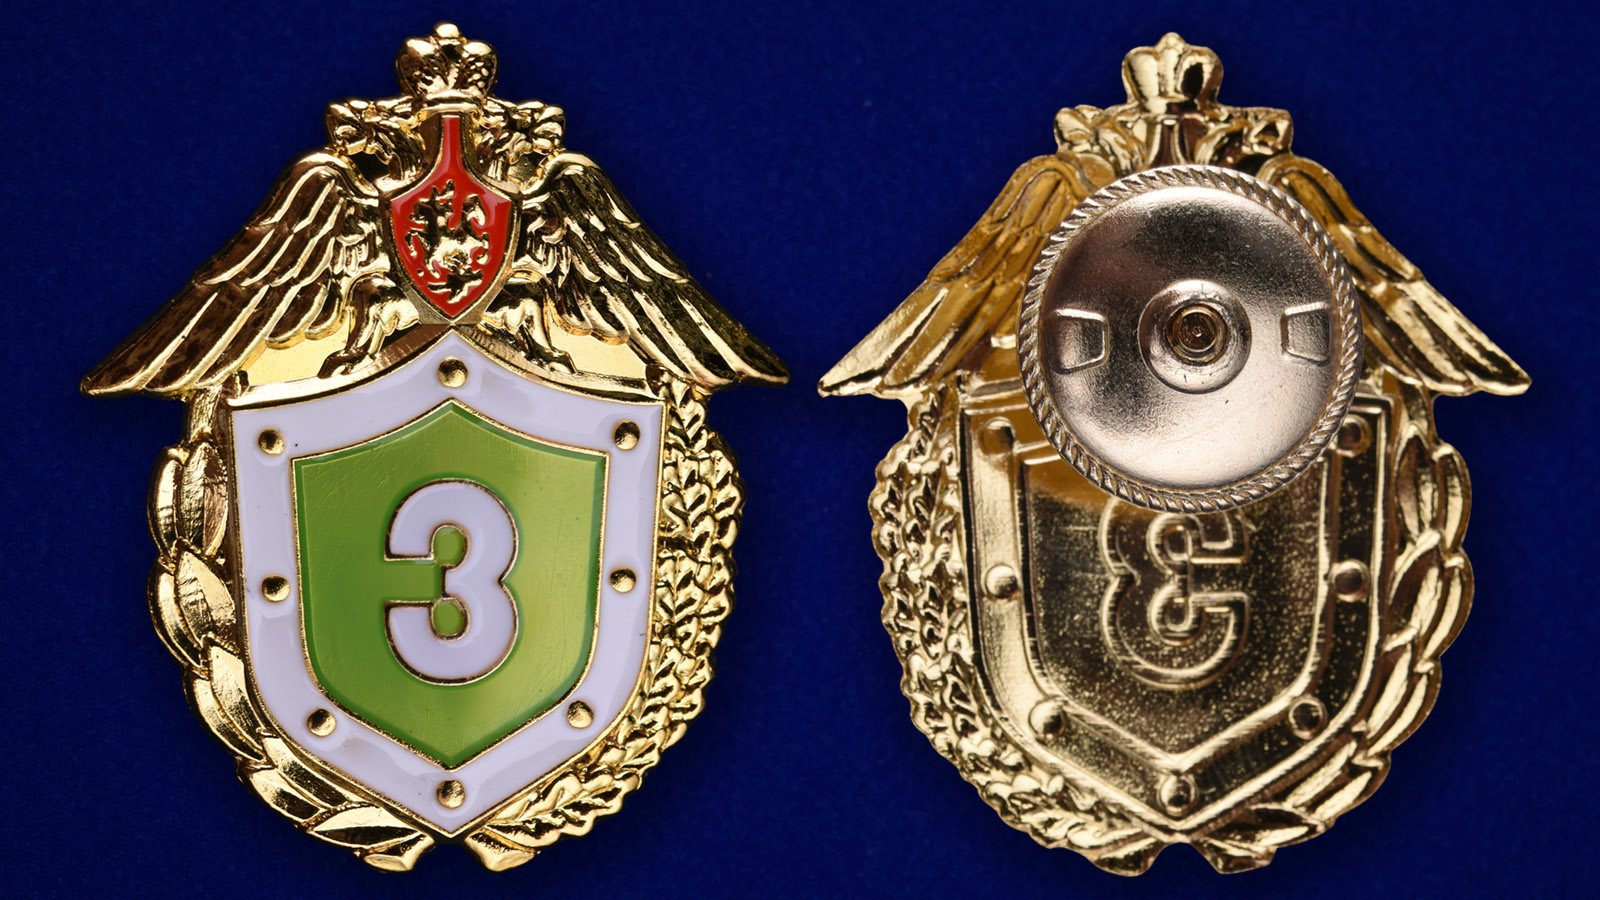 Знак ФПС «Классный специалист» 3 класс аверс и реверс